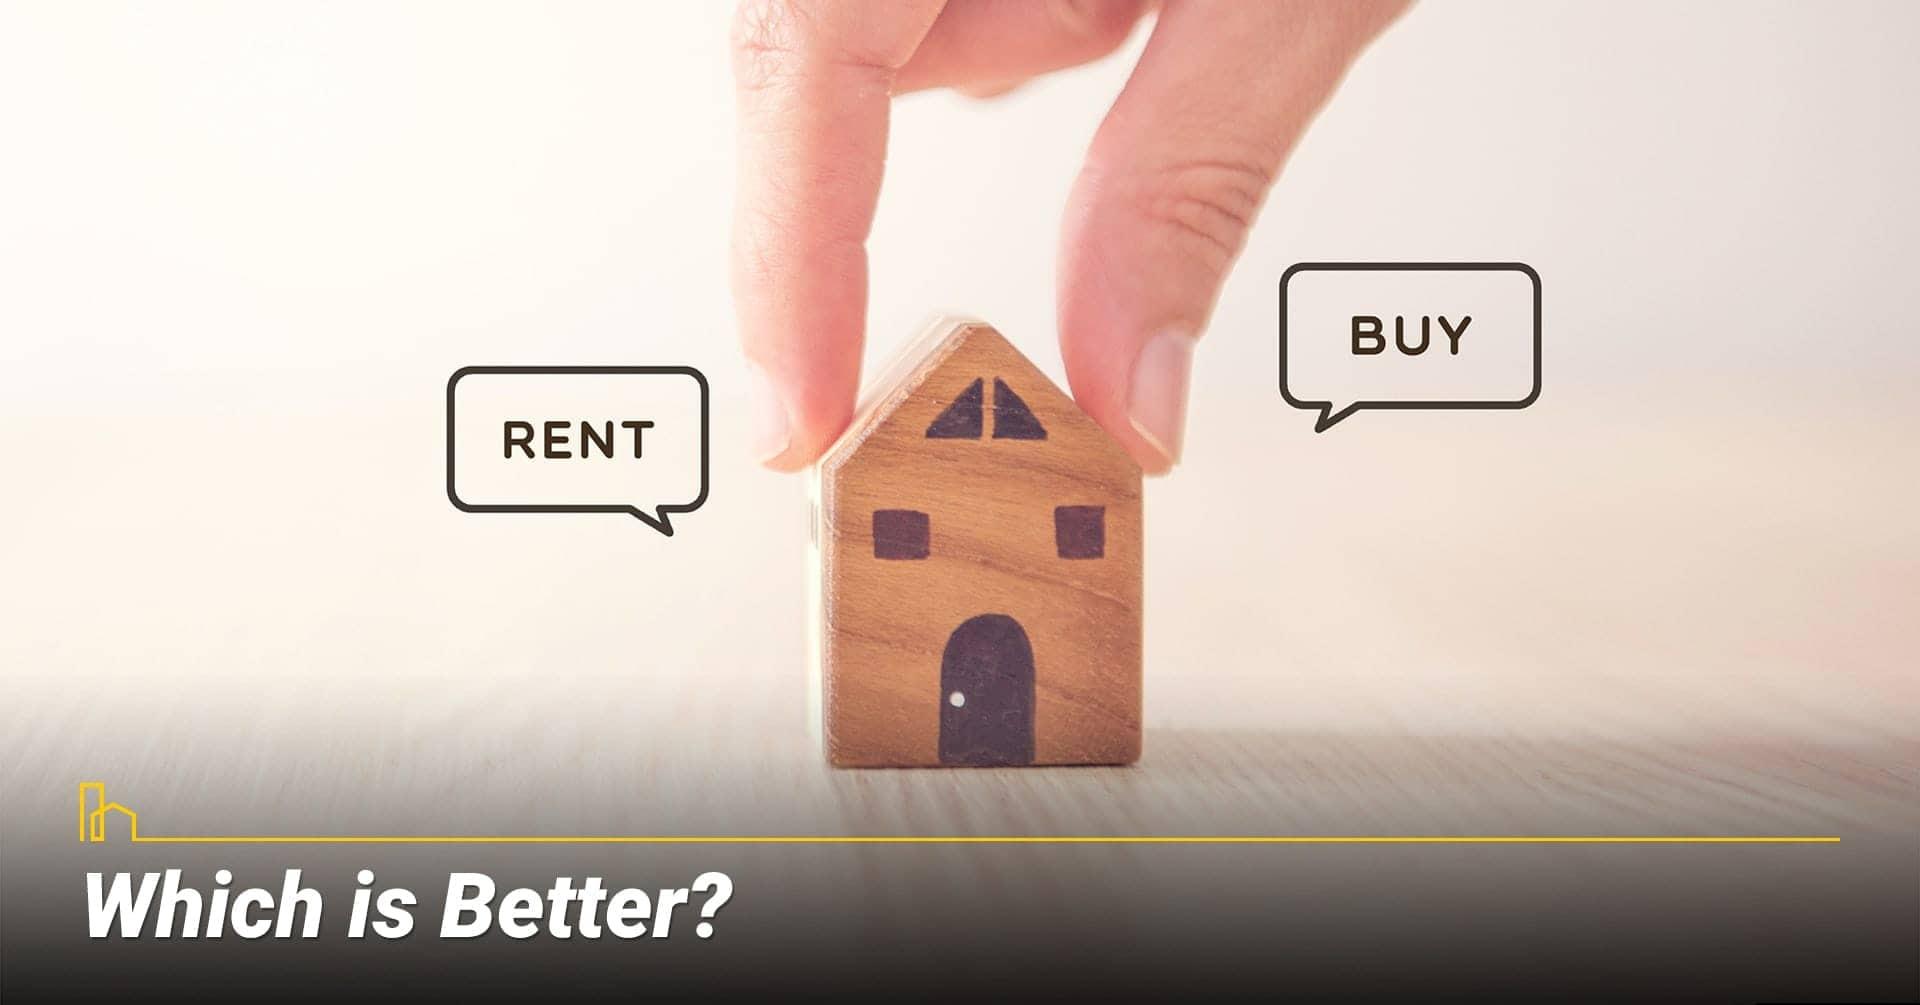 Which is Better? buy versus rent